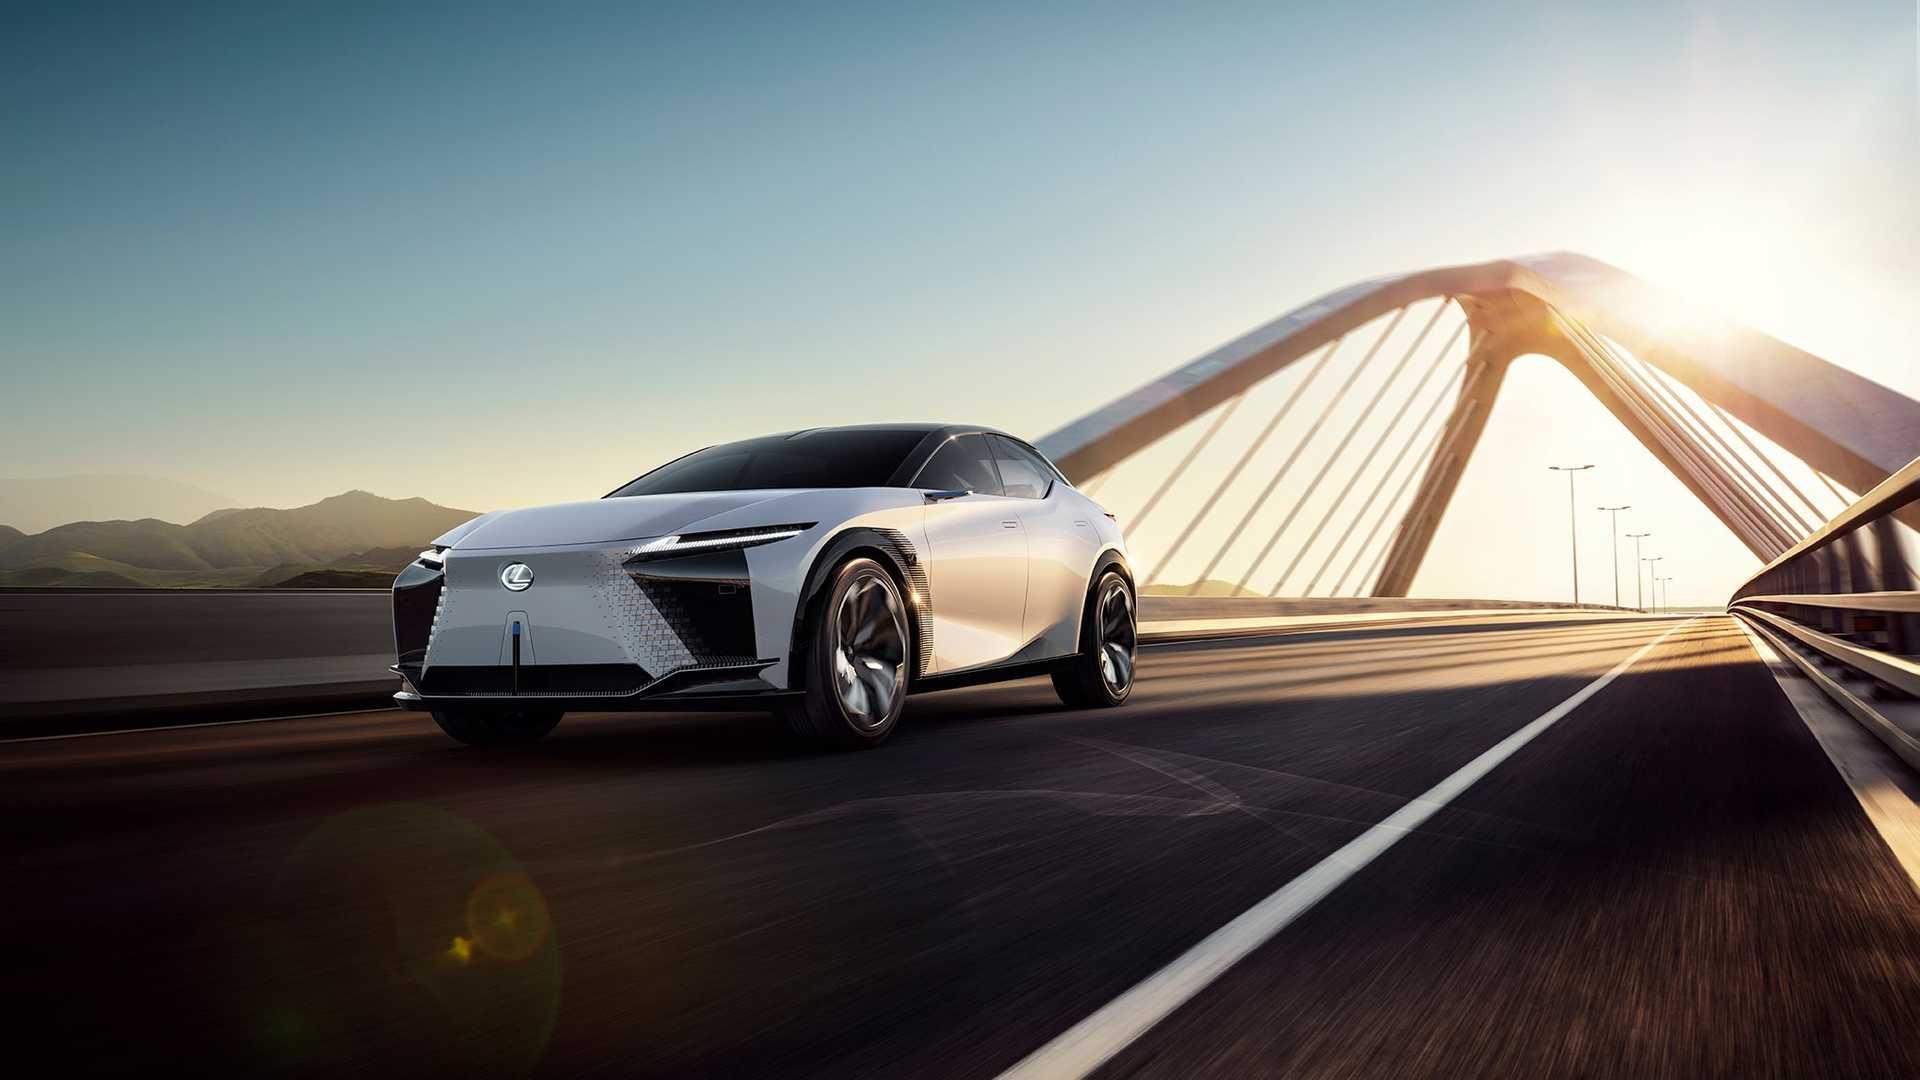 加強電力!Lexus 推出 LF-Z 電動概念車,預告 2025 年電動化佈局